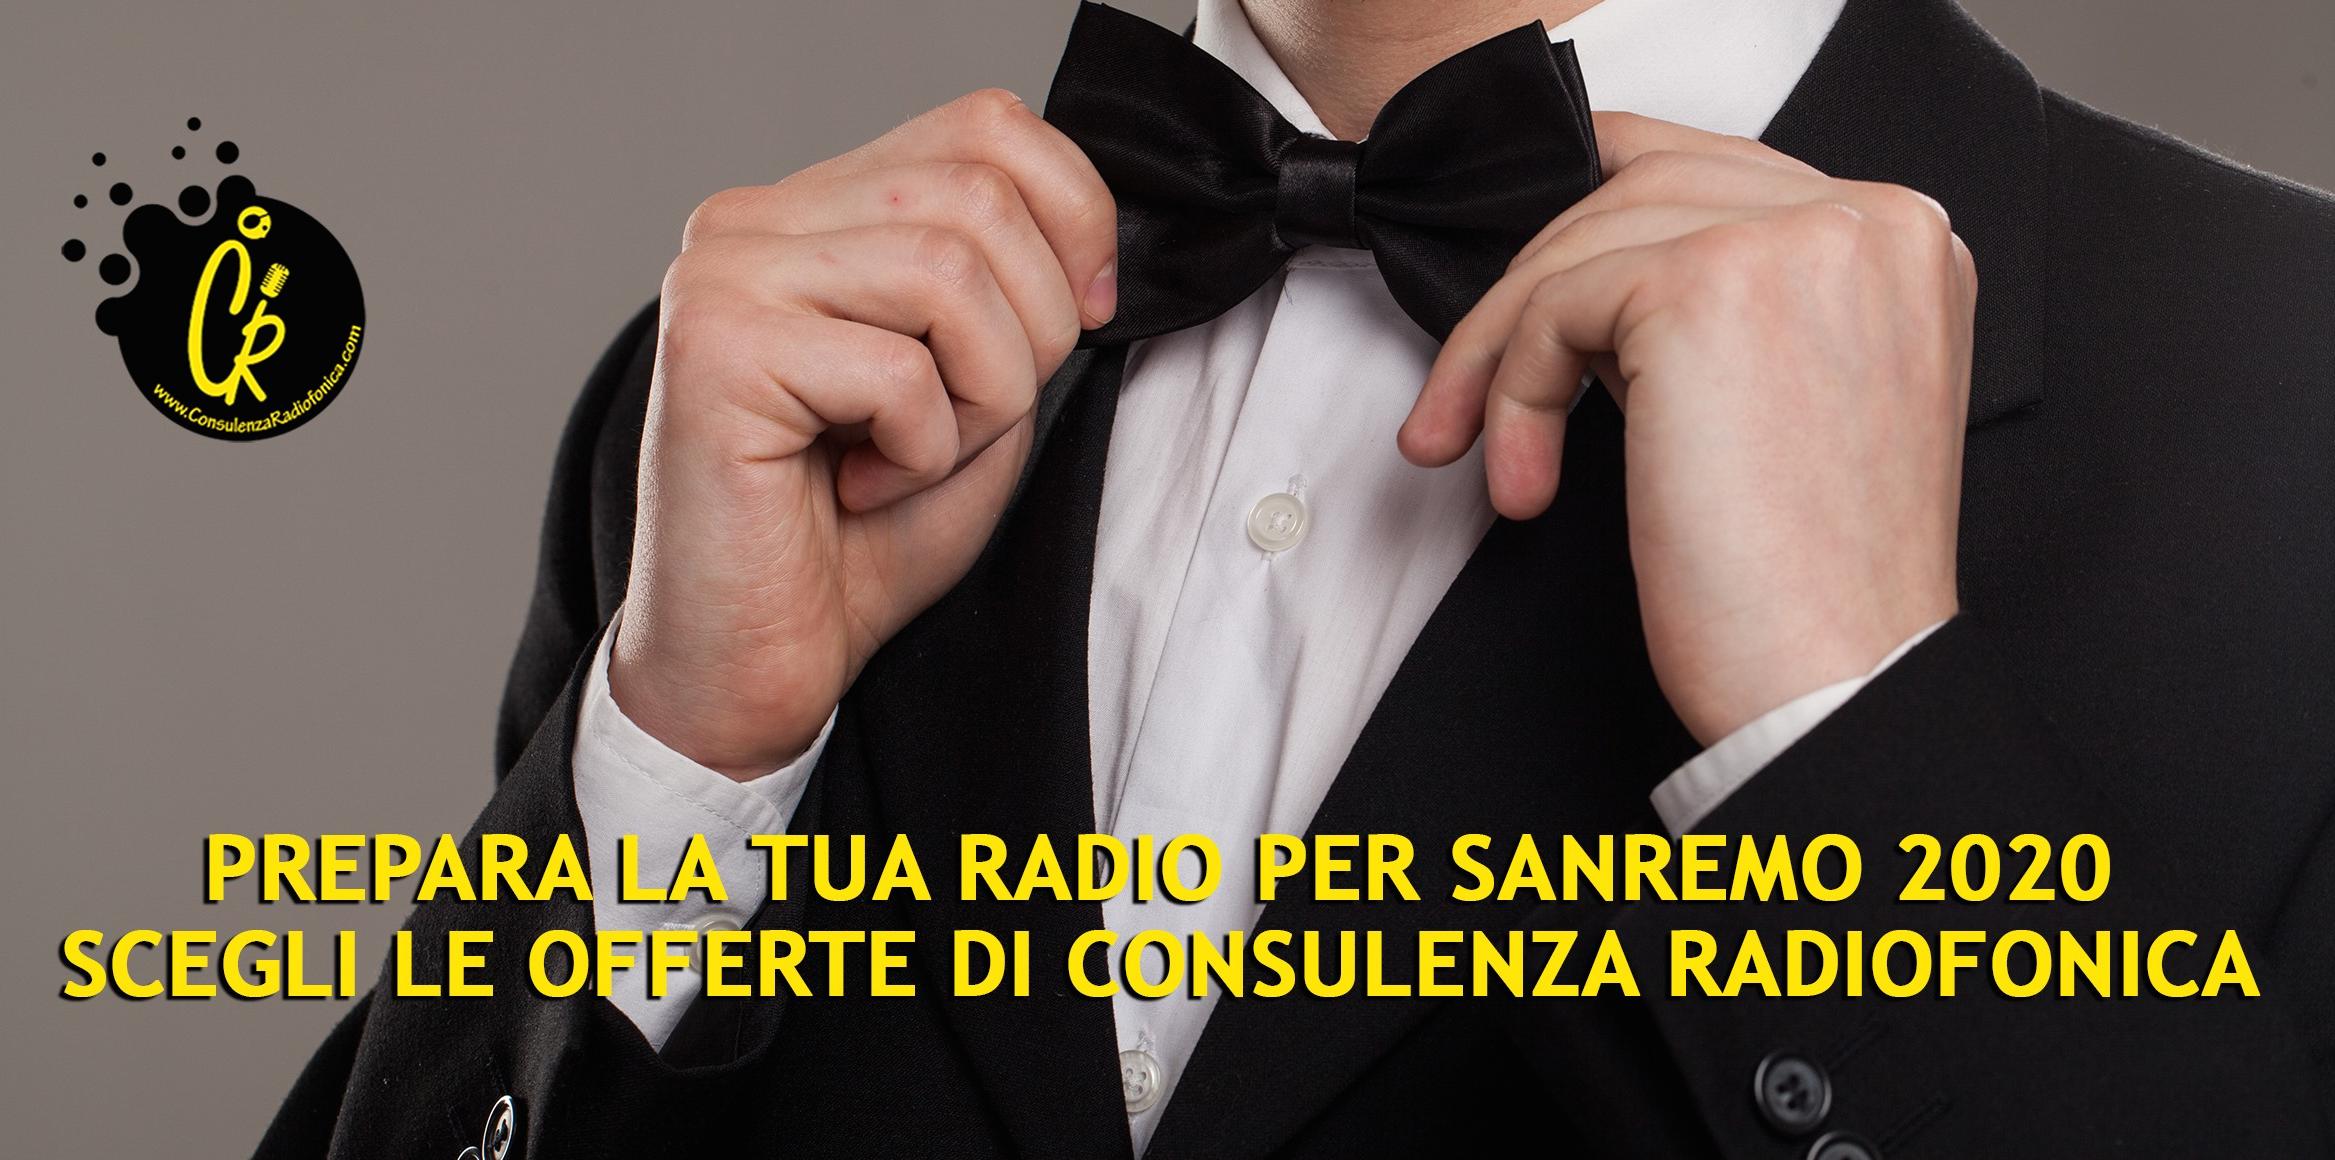 Festival di Sanremo 2020 offerta Consulenza Radiofonica